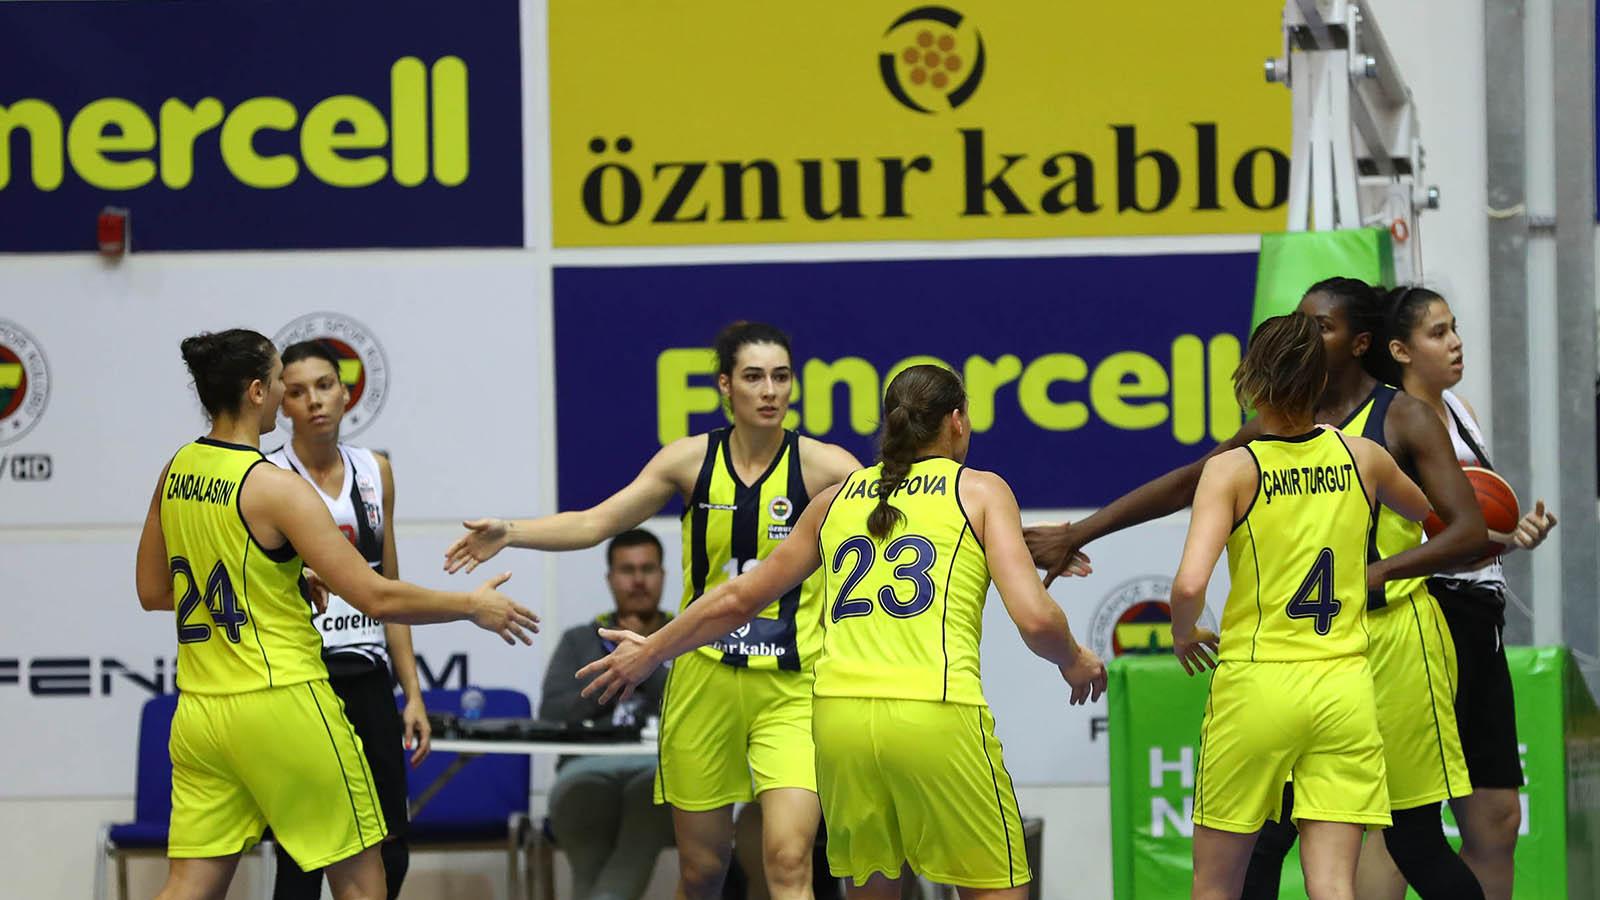 Fenerbahçe Öznur Kablo, Adana deplasmanında